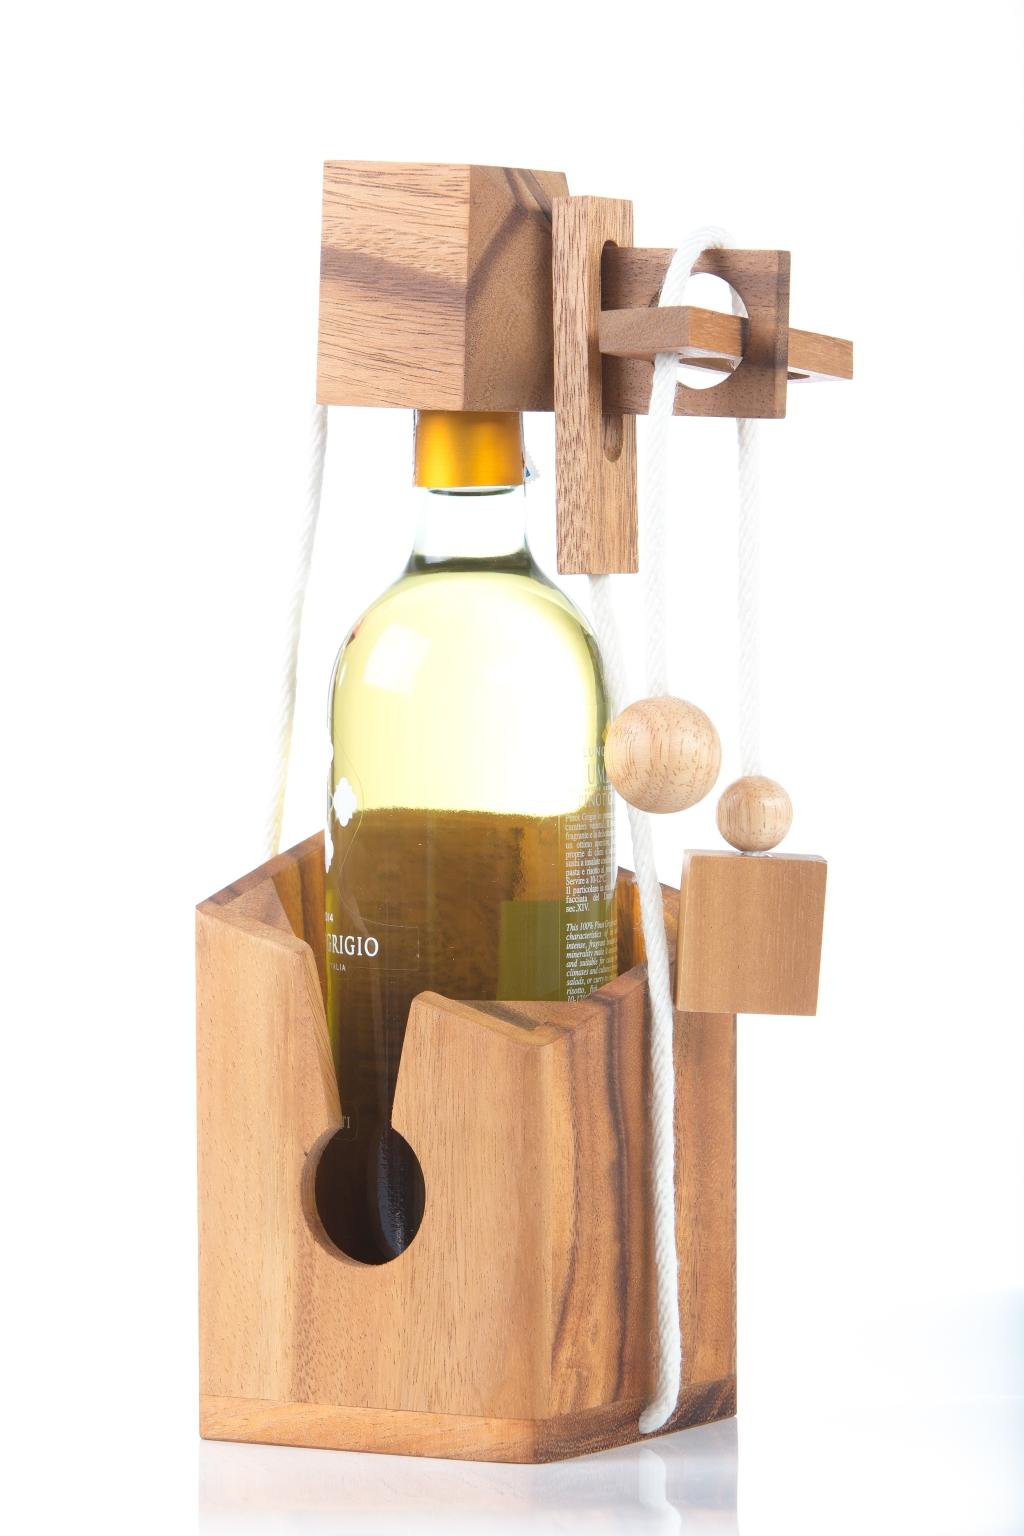 Get Drink - Don't Break It (Lock Wine Bottle)